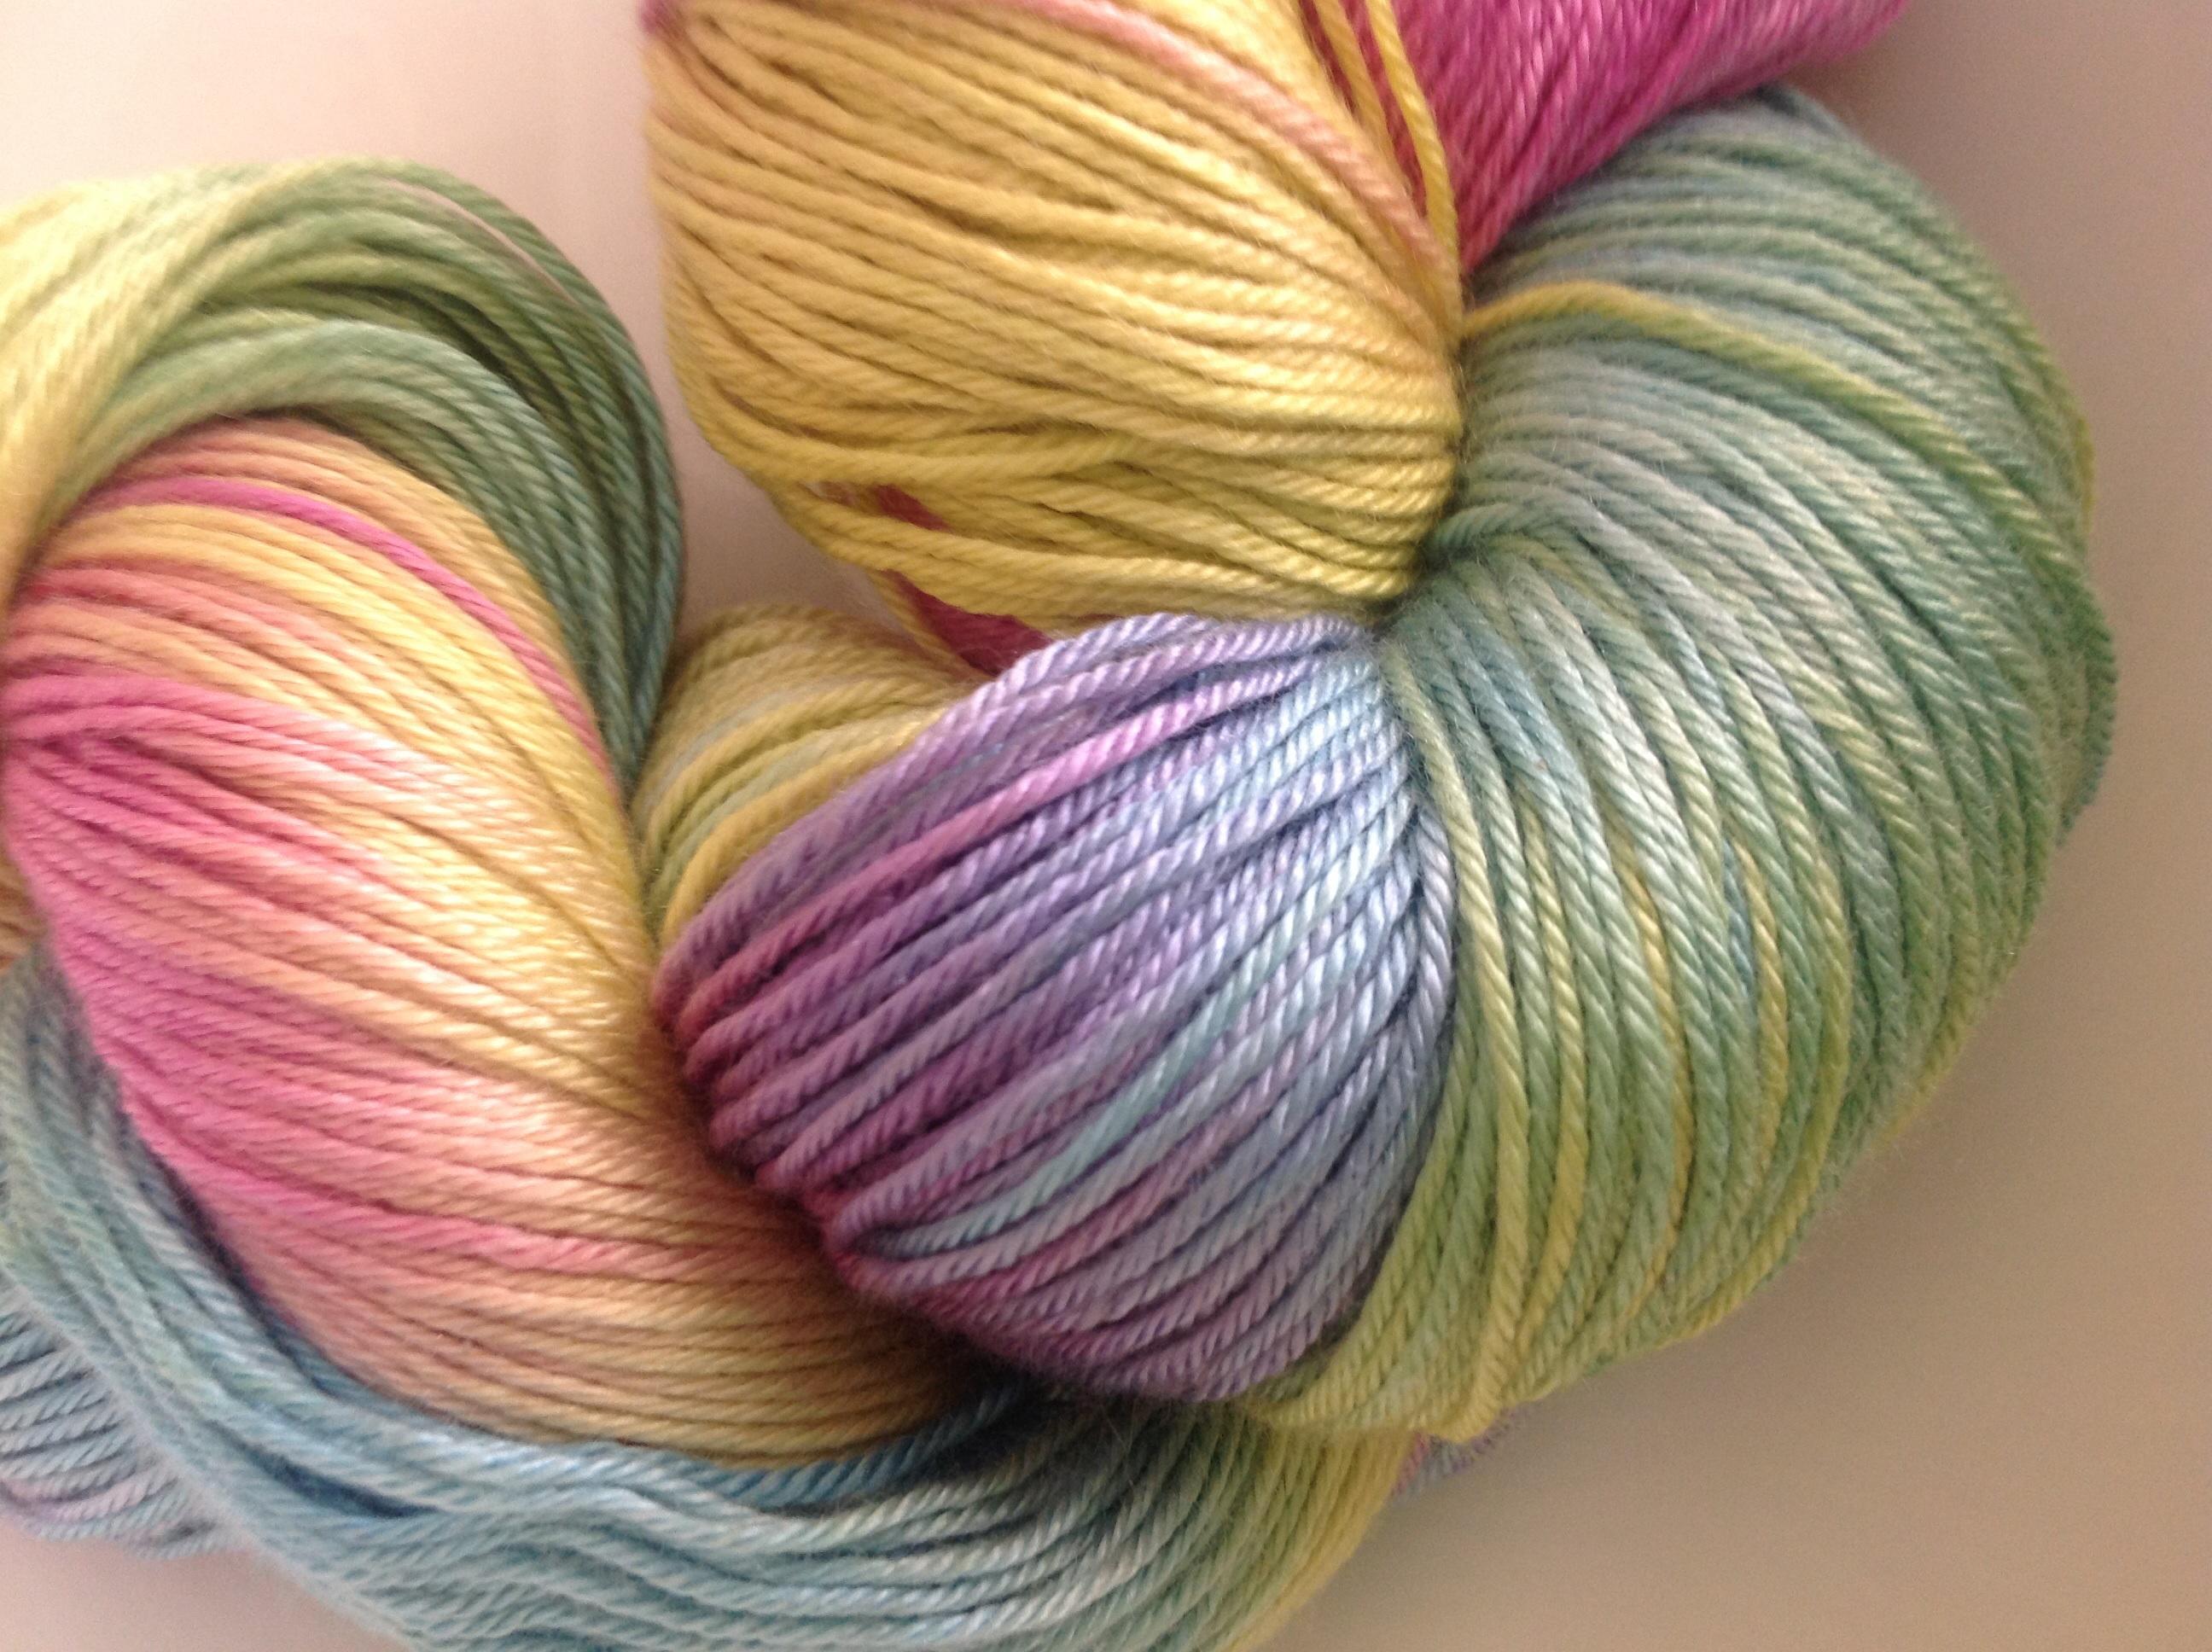 Silk Yarn -Which Yarn Weights for Crochet?